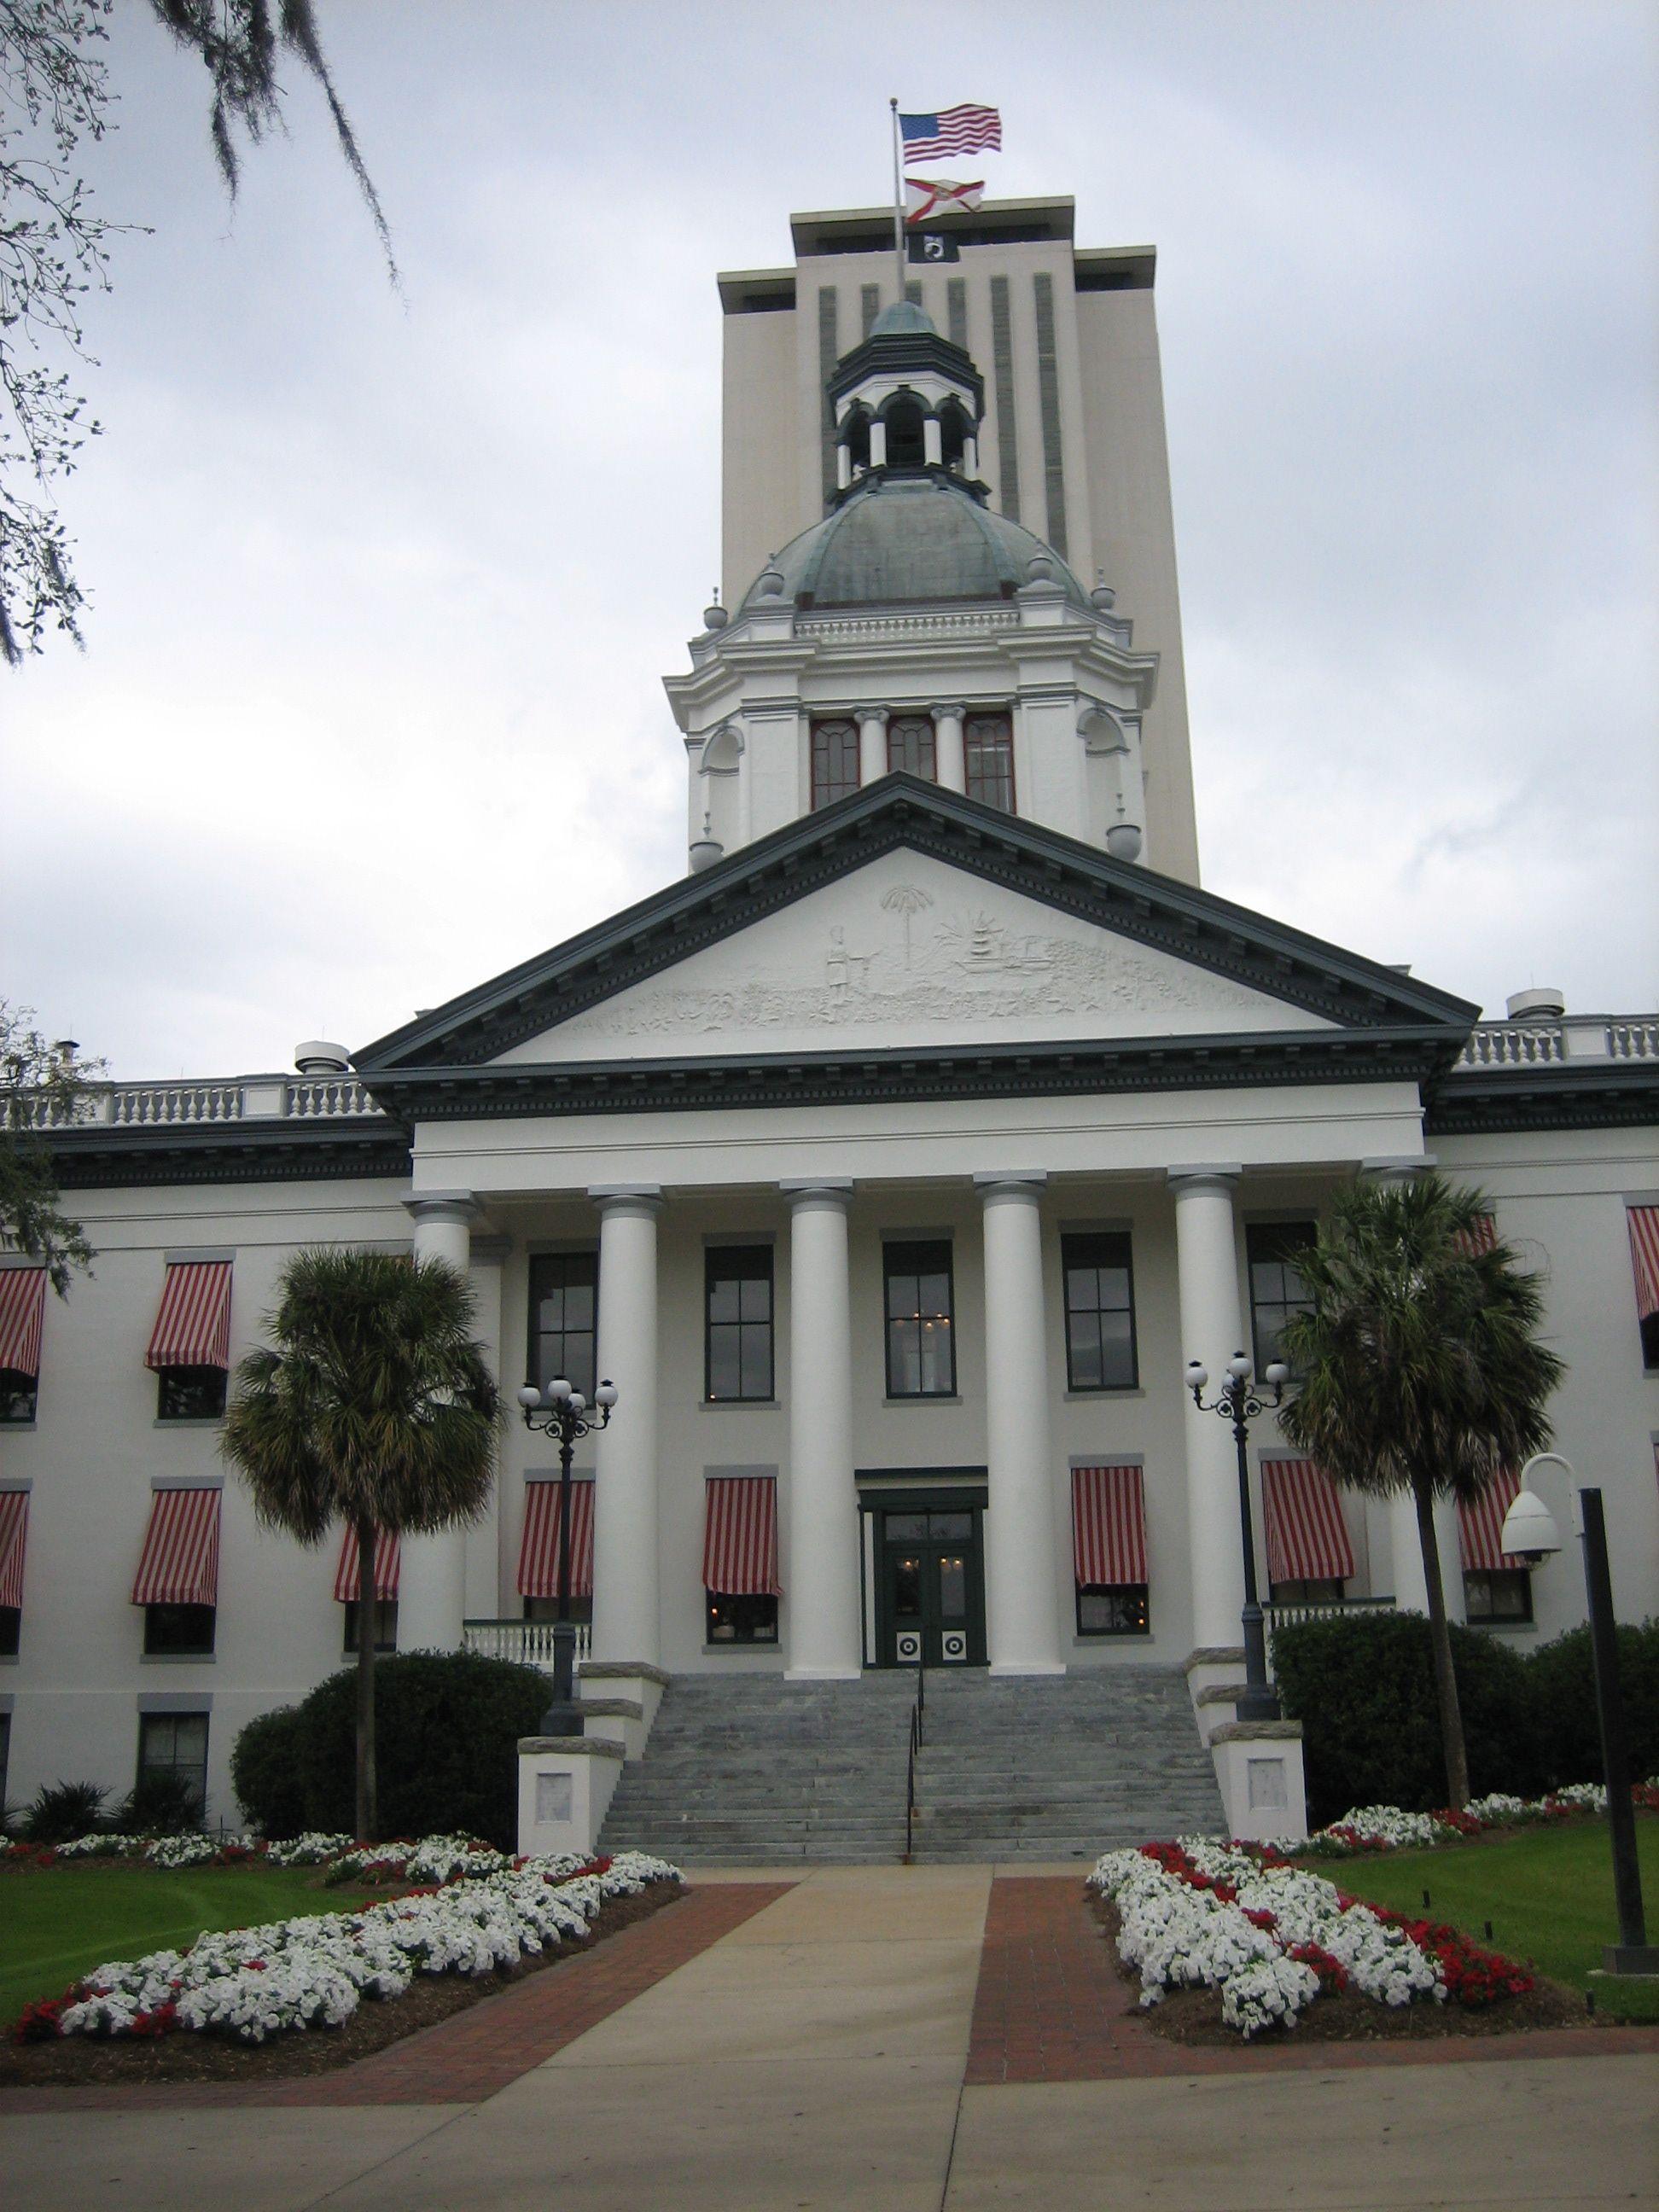 Florida Tallahassee Florida Tallahassee States And Capitals